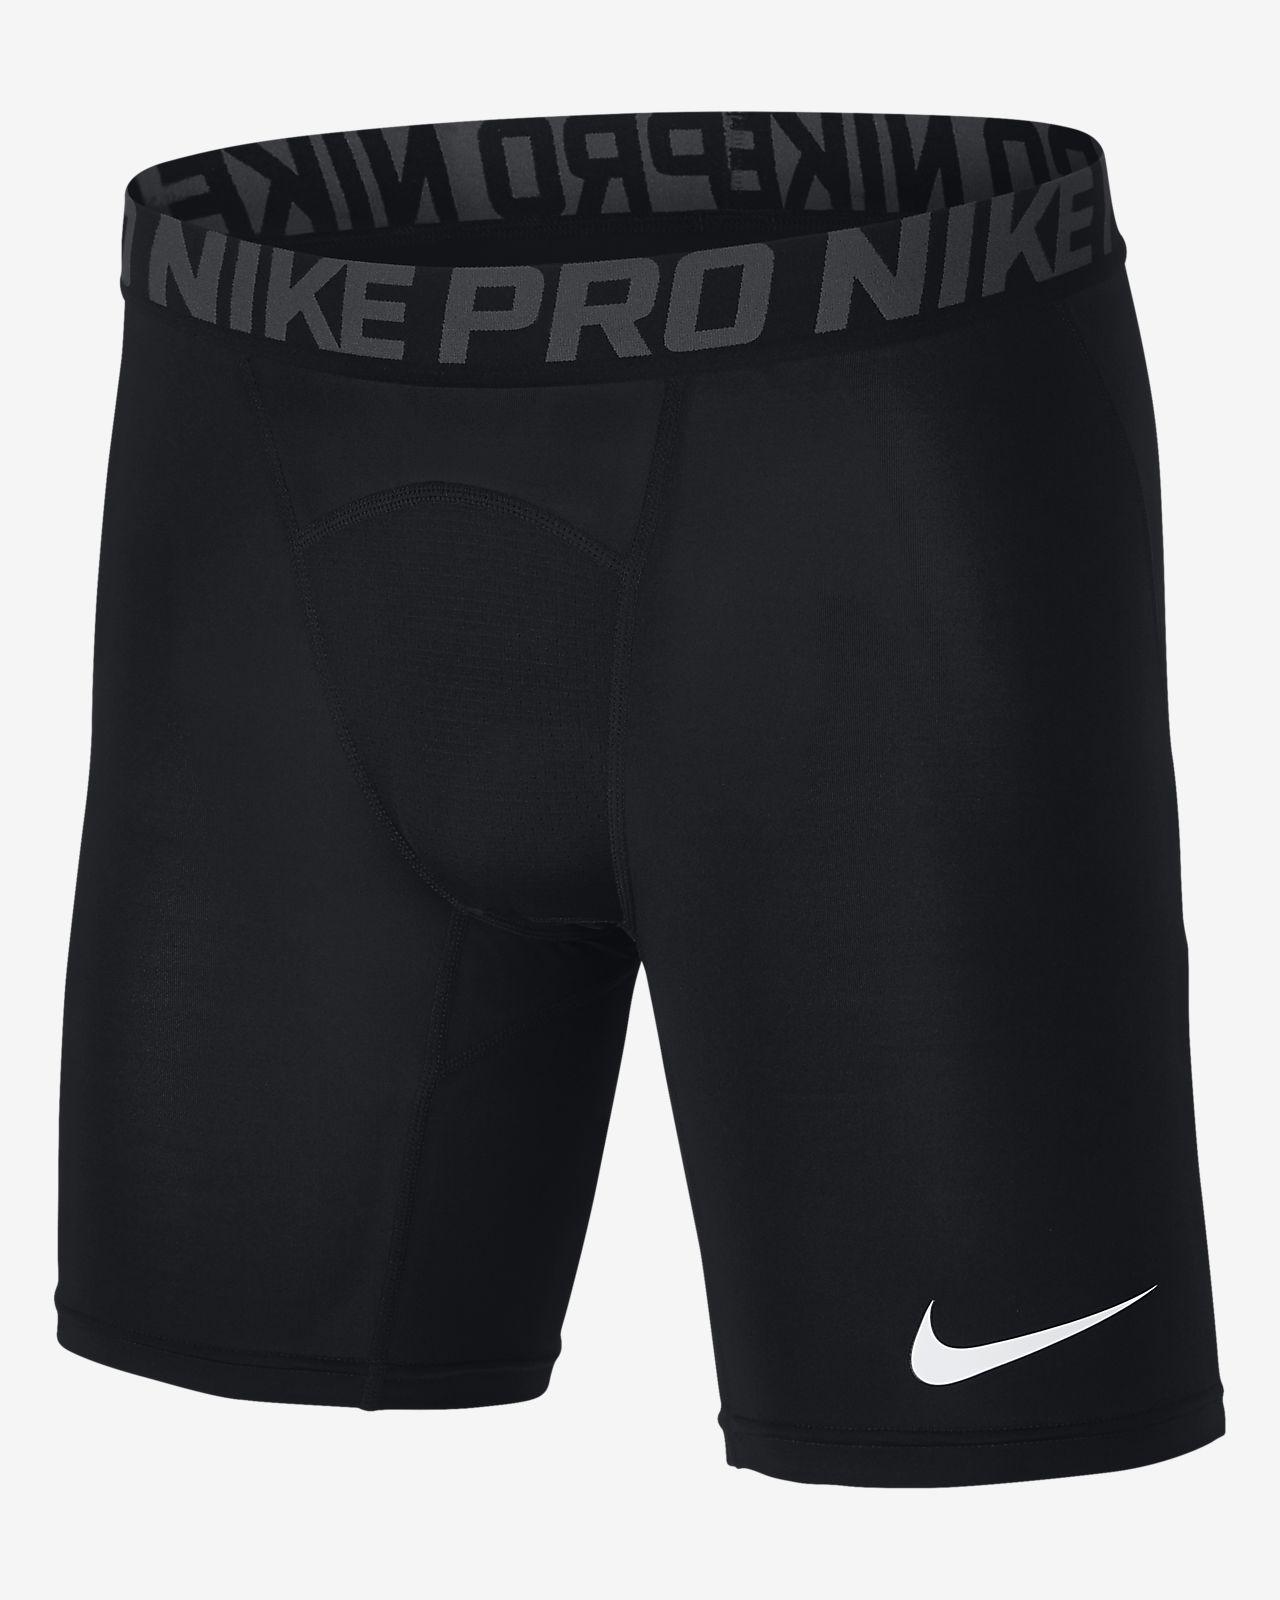 Мужские шорты для тренинга Nike Pro 15 см